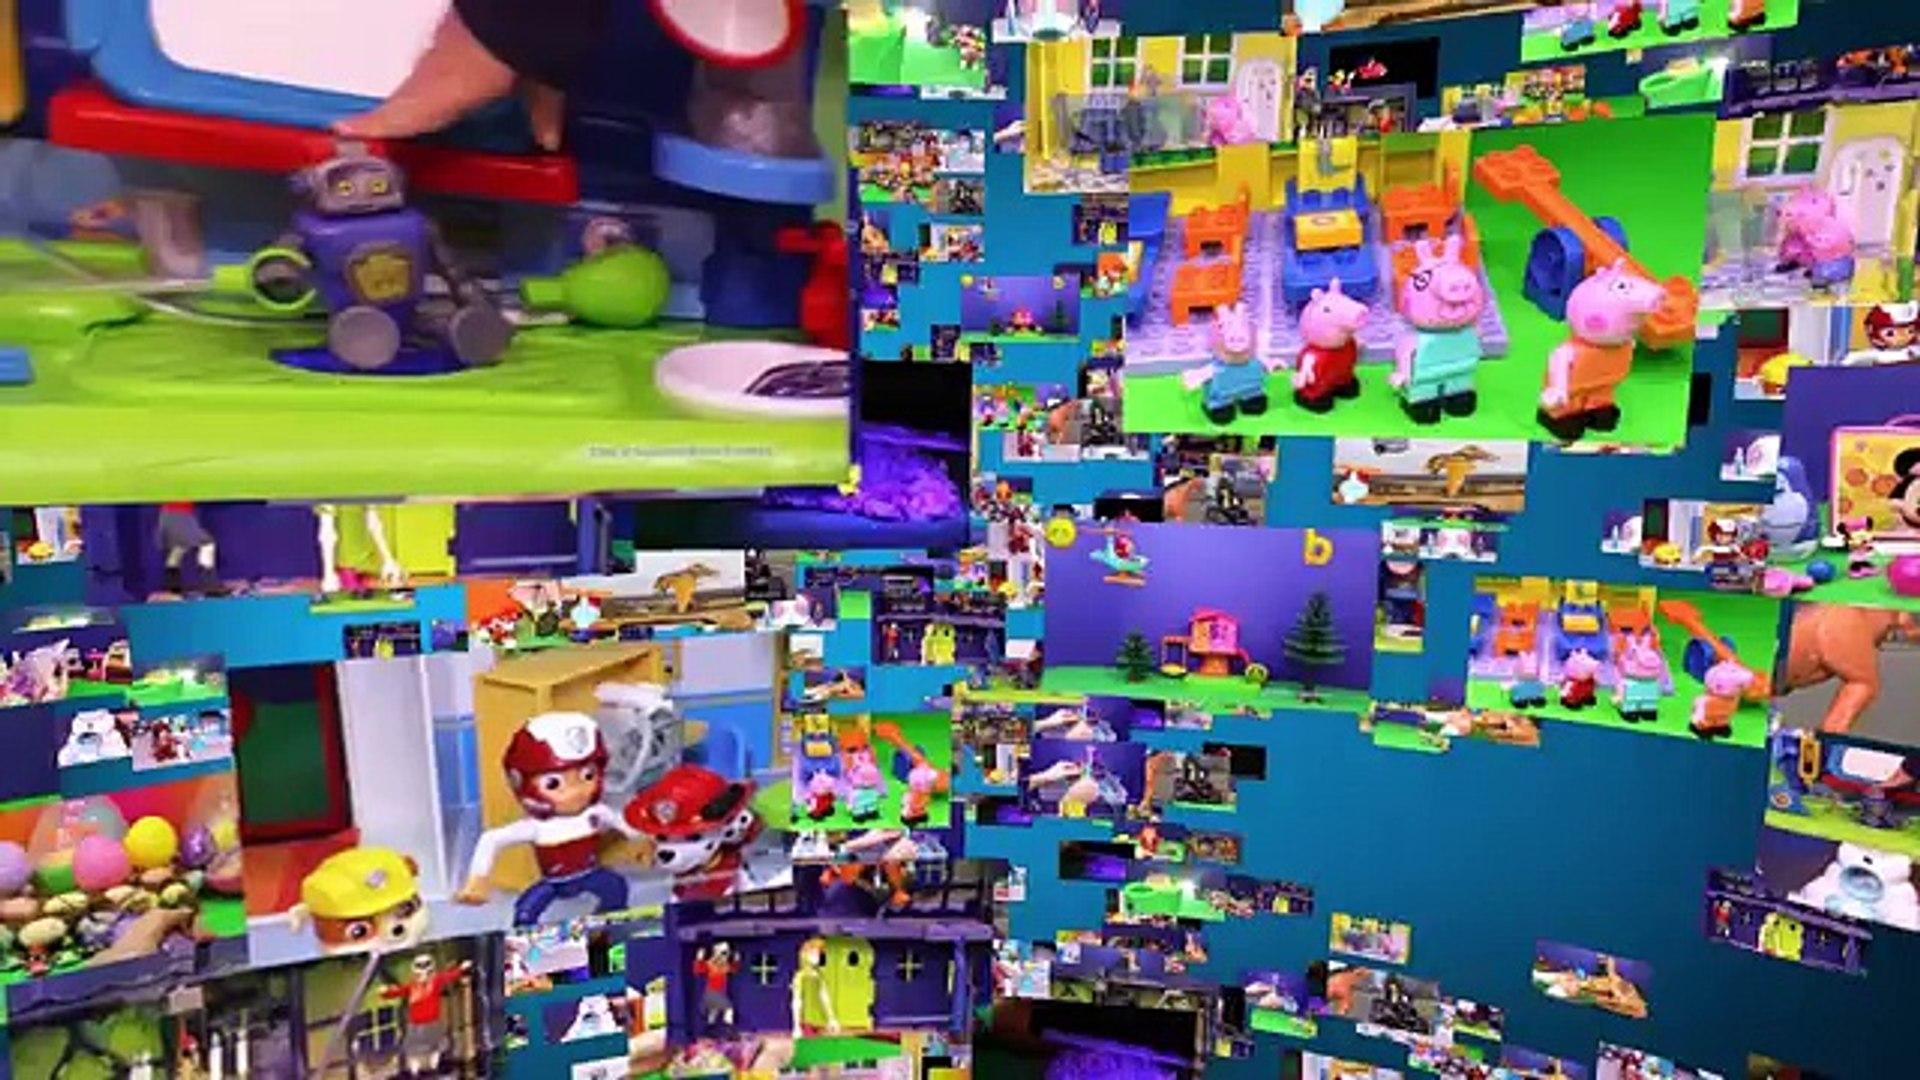 Playdoh Fisher Price Nickelodeon Blaze & the Monster Machines Cannon Blast Crusher Monster